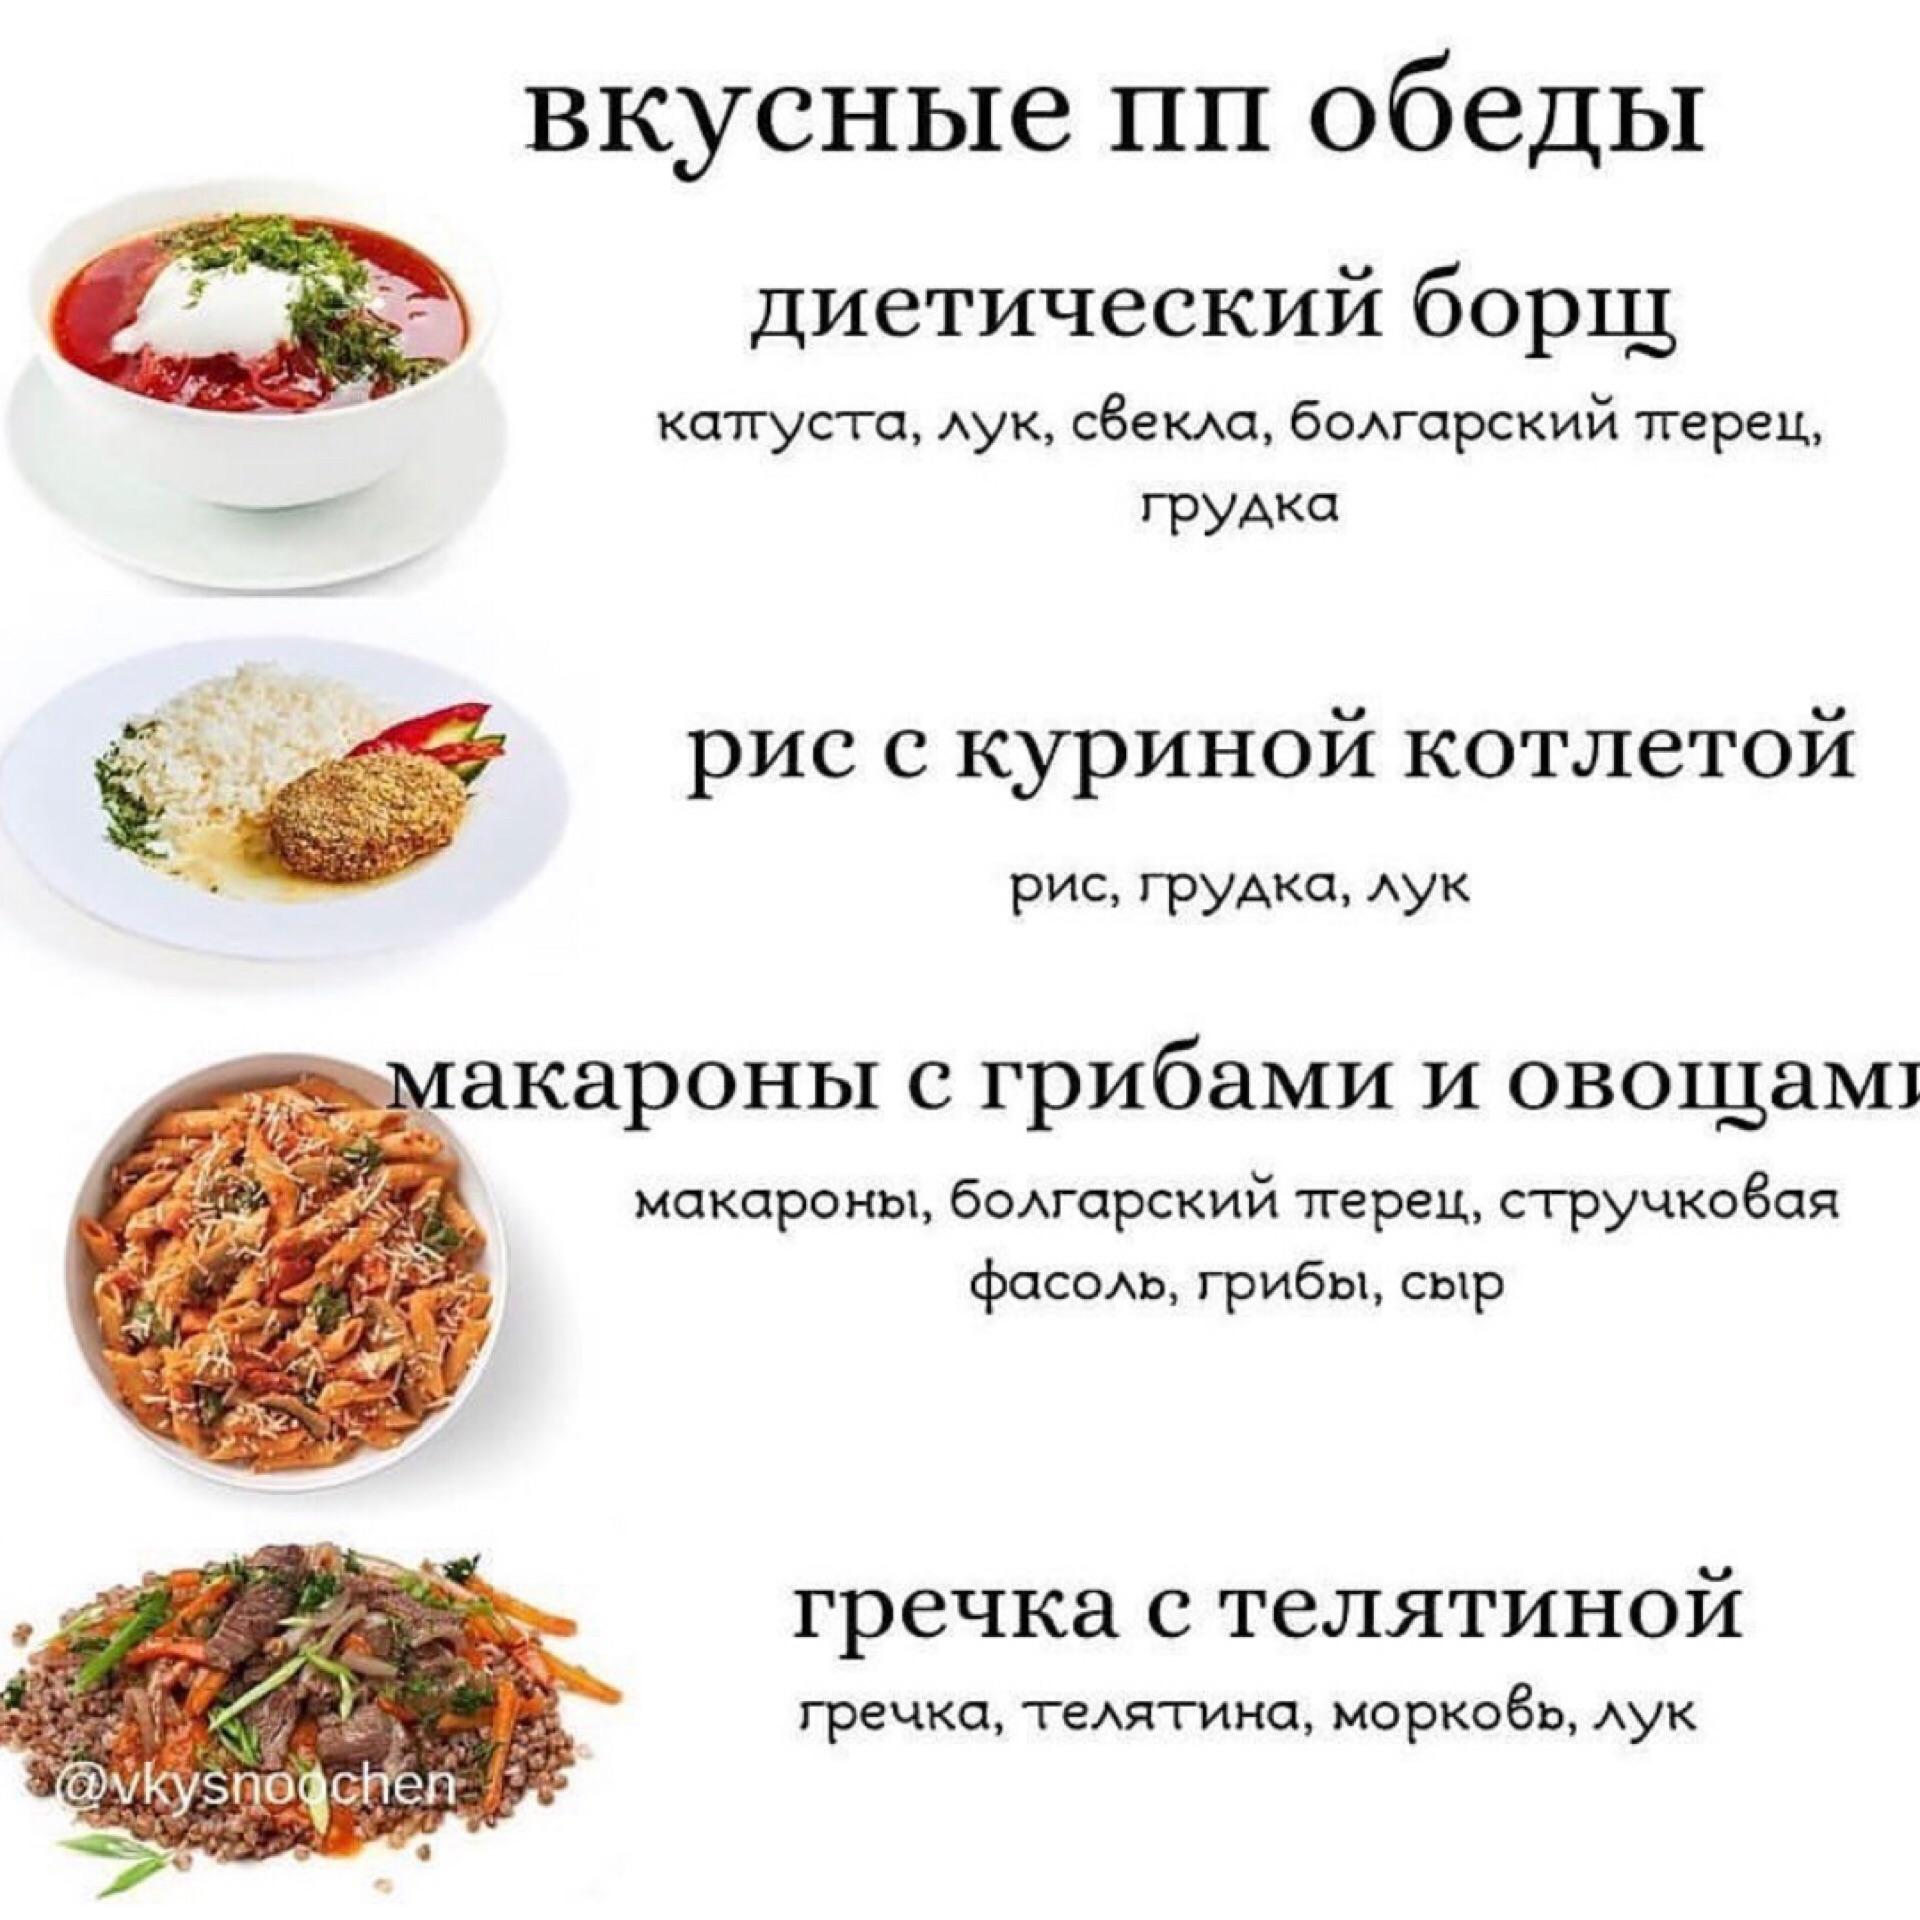 Рецепты для похудения спб